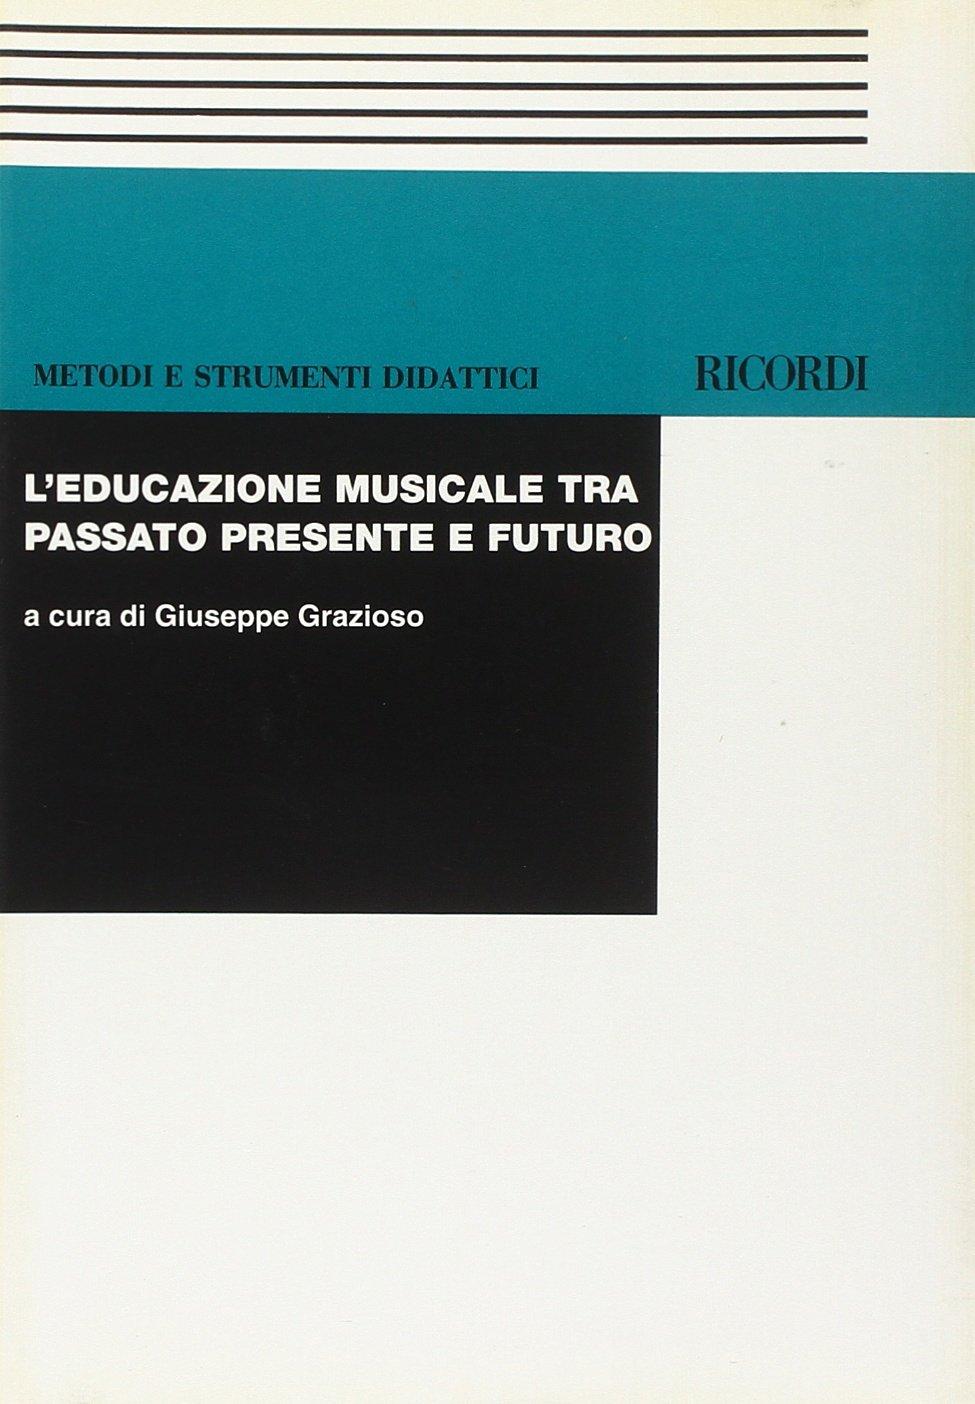 Educazione Musicale Tra Passato Presente E Futuro